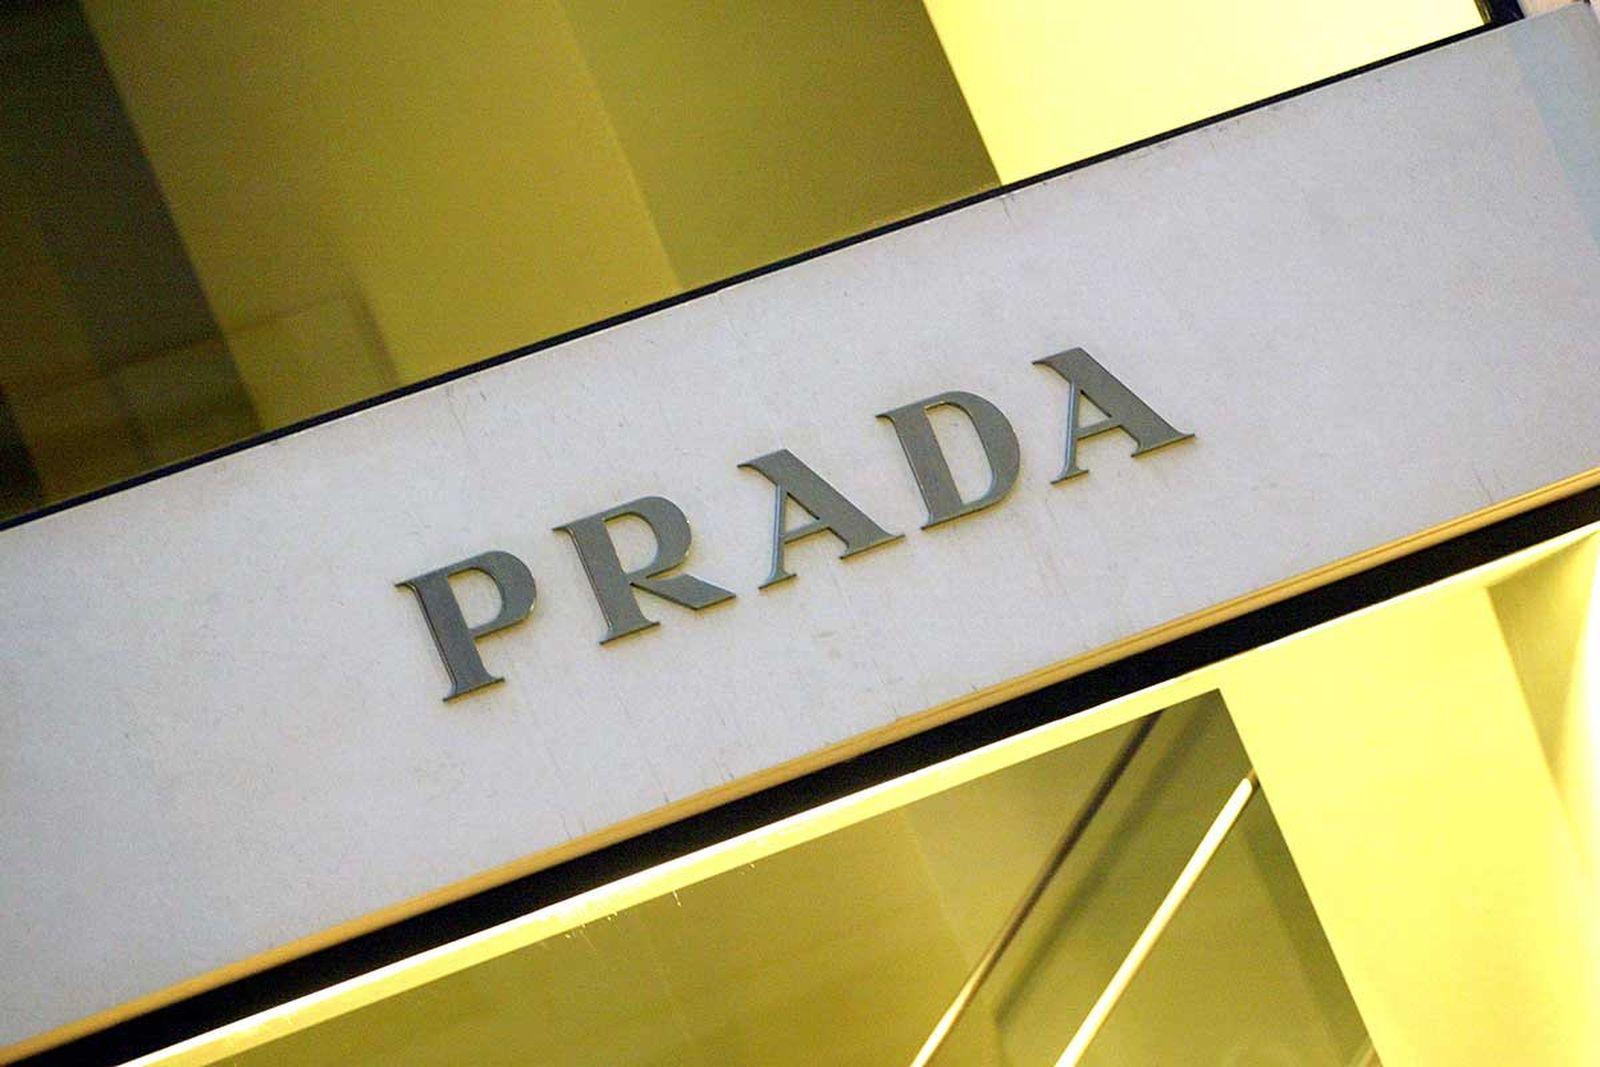 Prada store logo